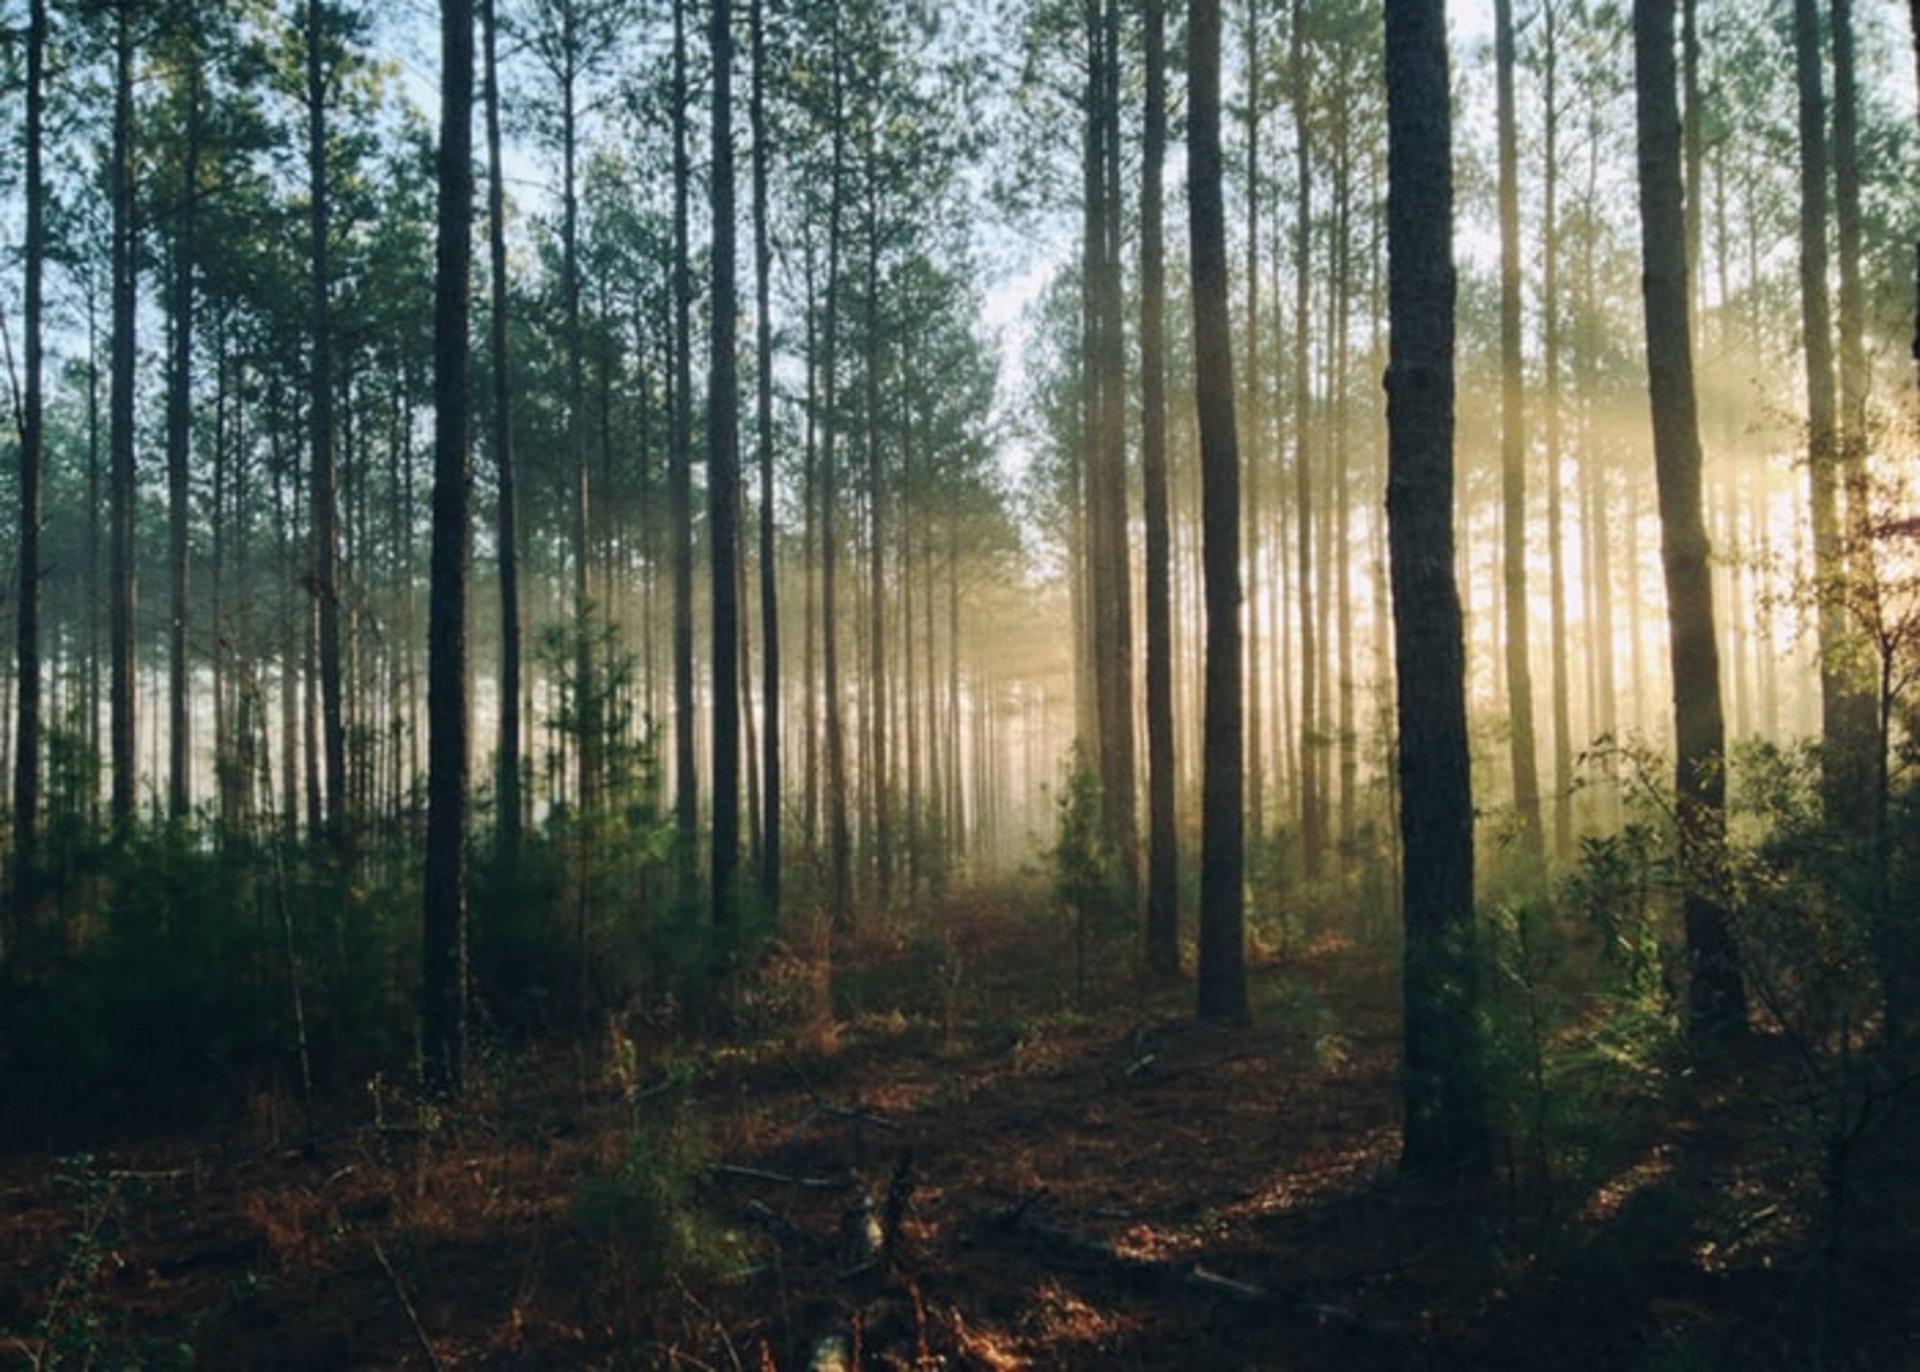 Dichter Wald mit Lichtreflektionen